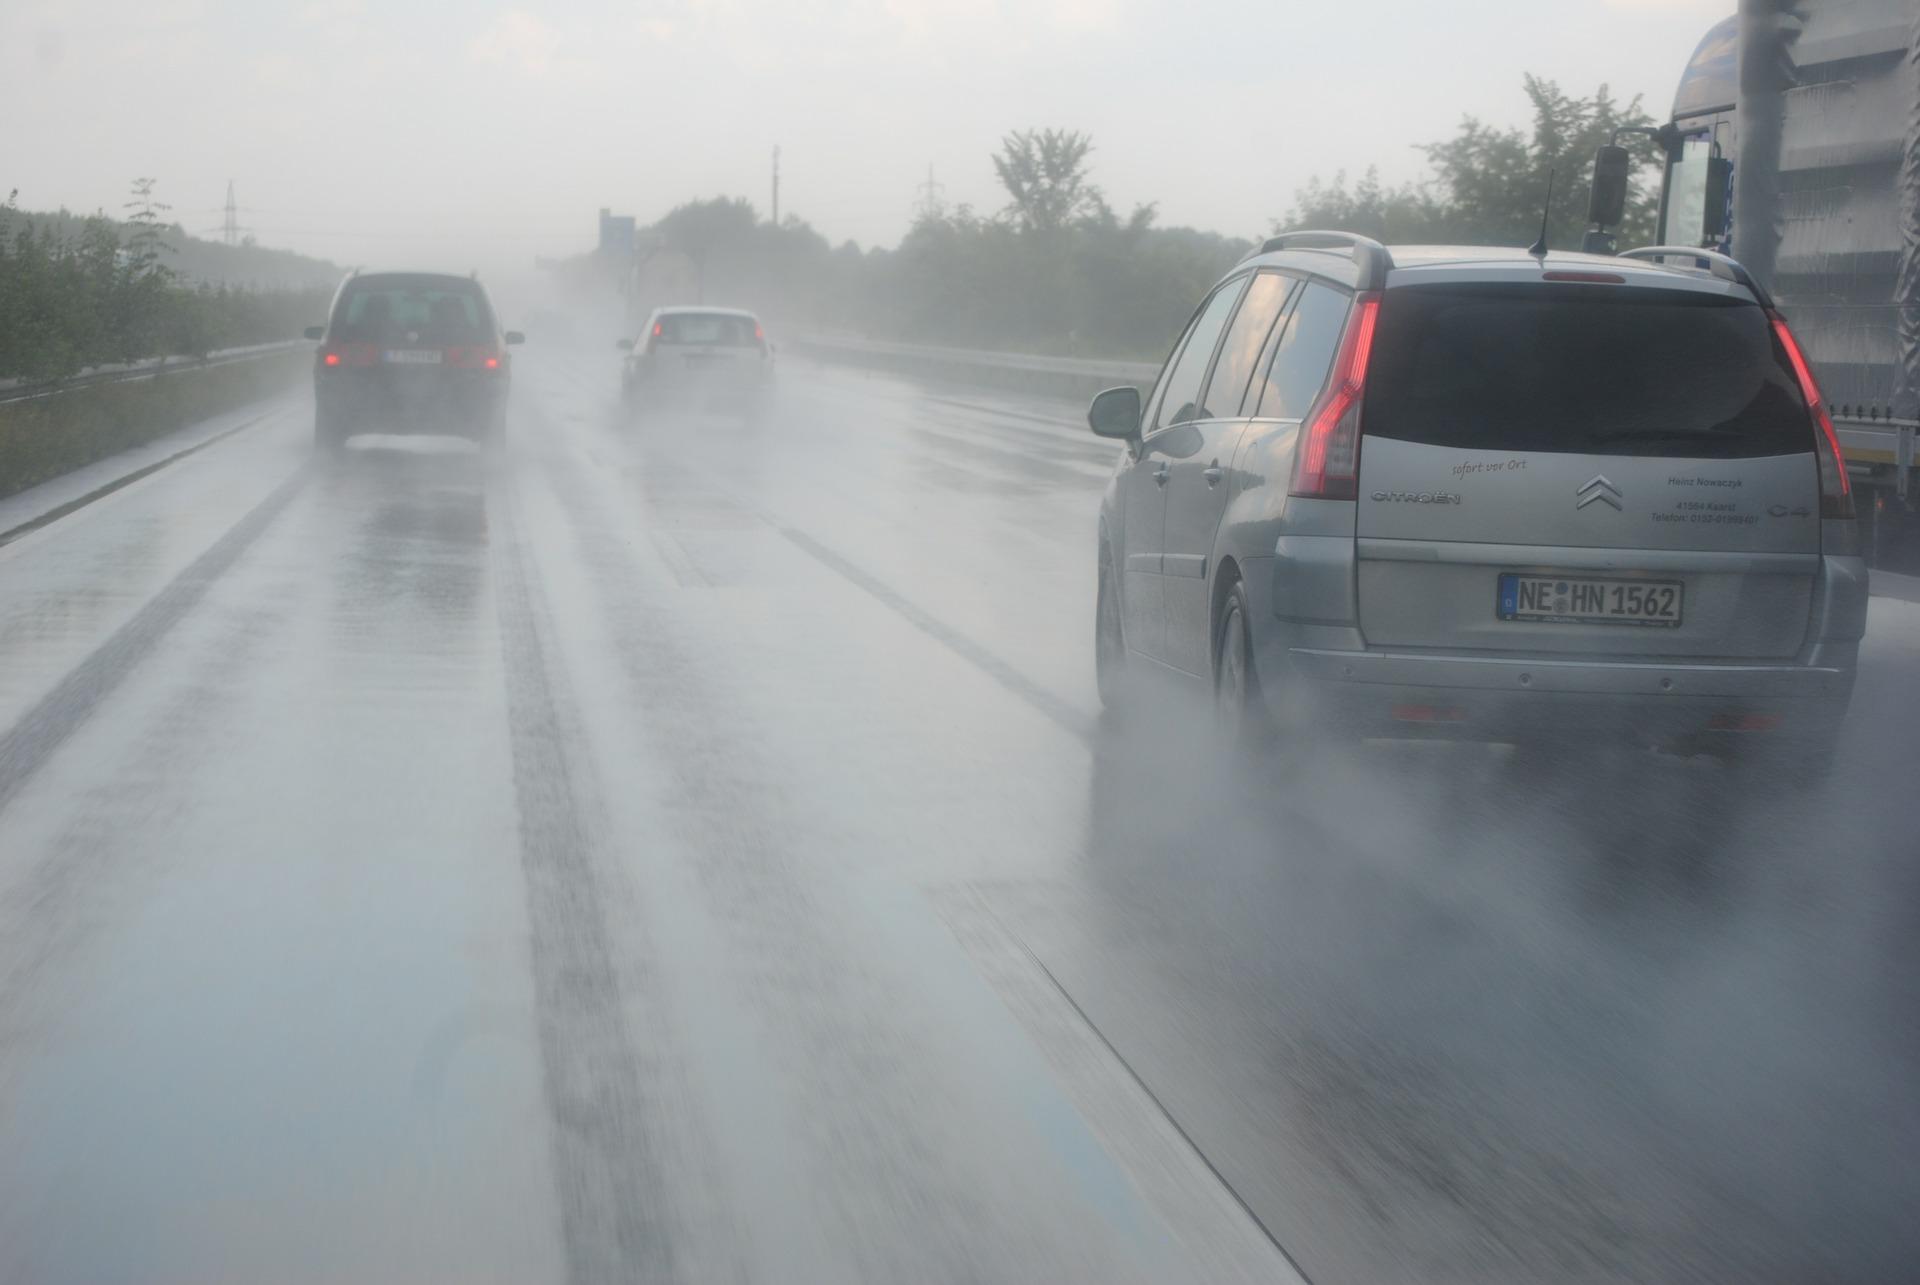 Oprez u vožnji zbog mraza, kiše i jakog vetra